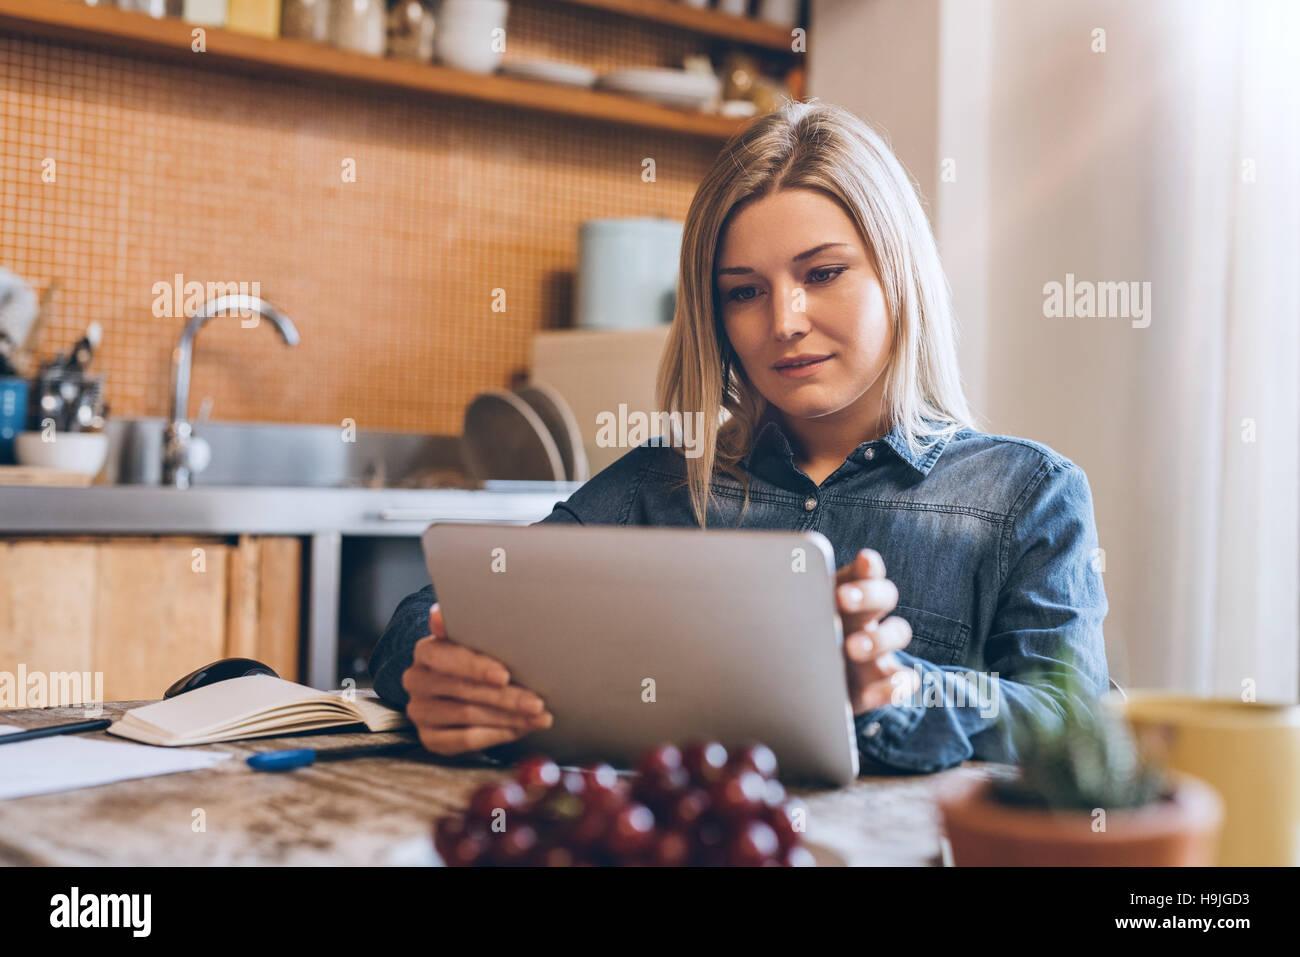 Online en cualquier lugar de su casa Imagen De Stock